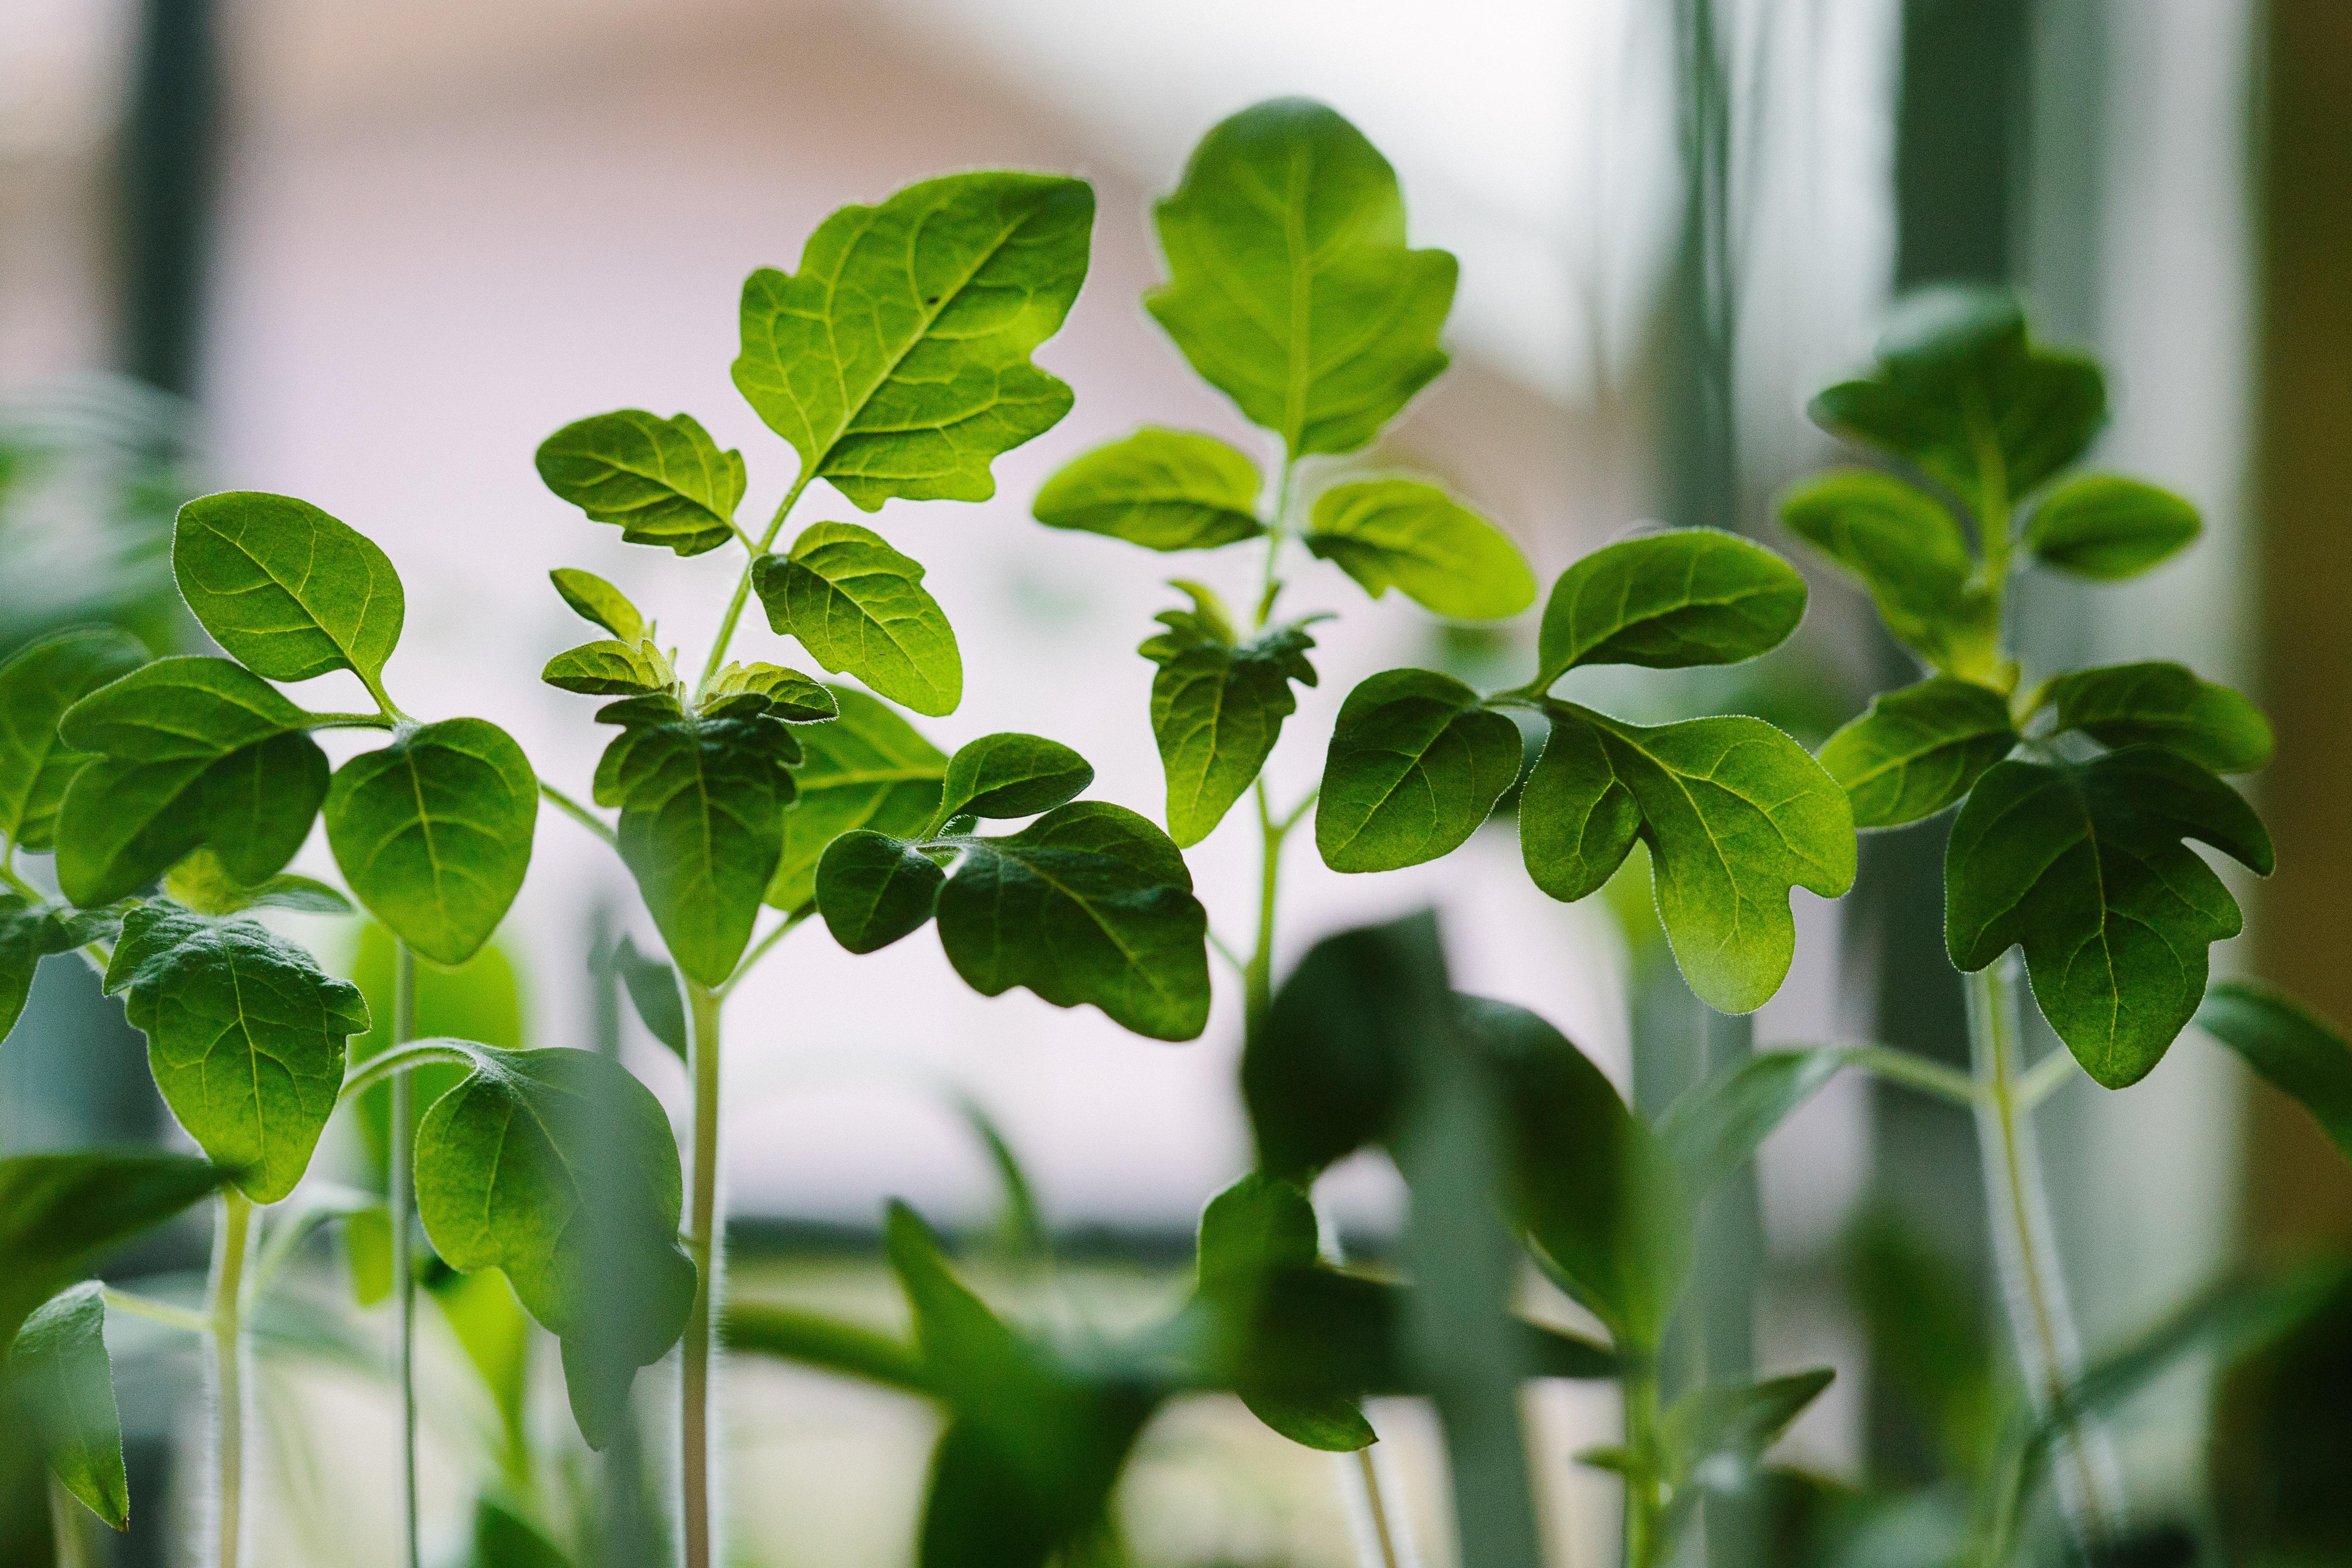 Fresh Plants, plant, nature, lush, green, HQ Photo